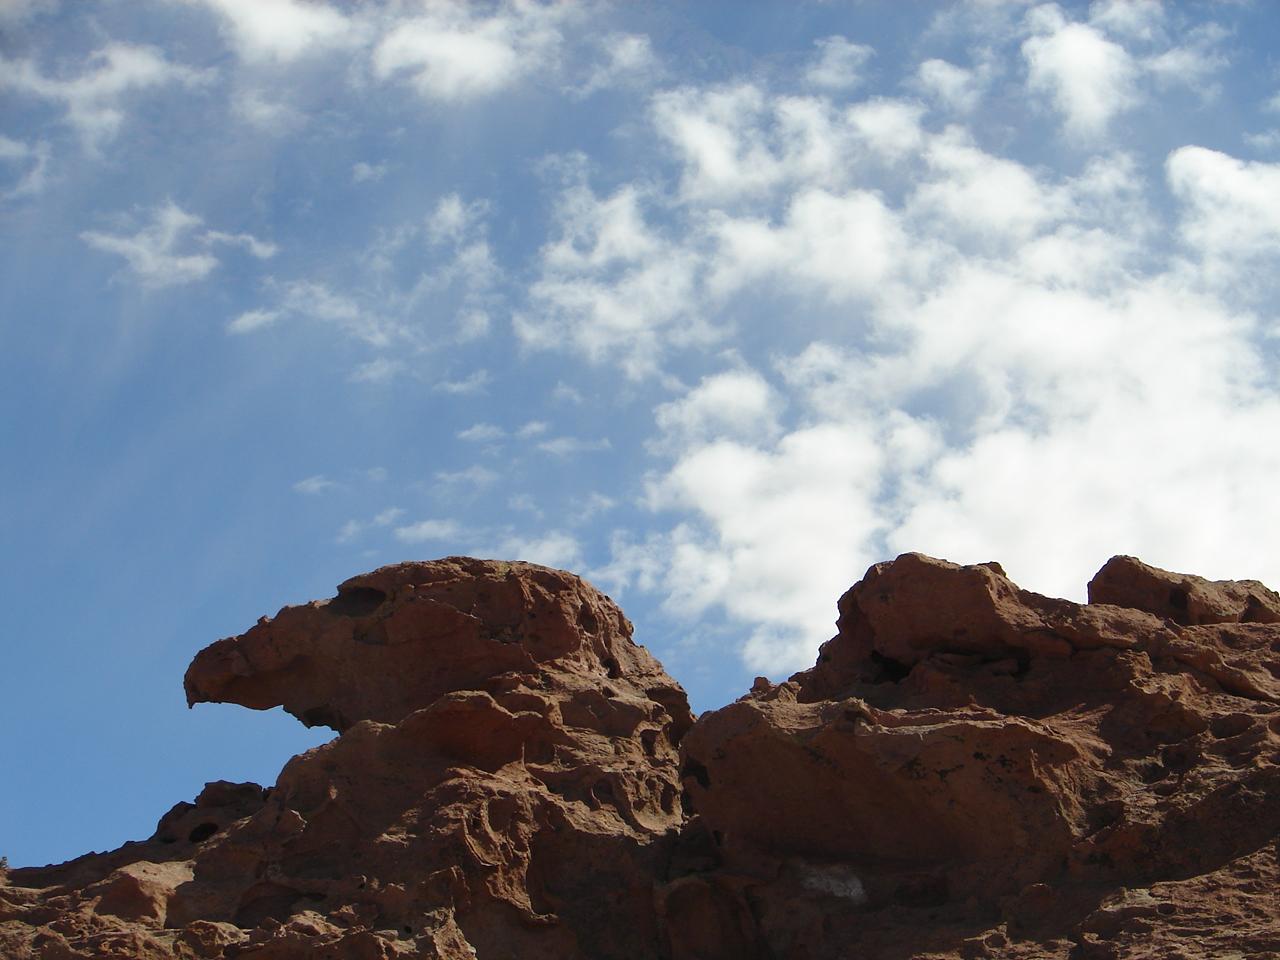 As esculturas naturais do Atacama